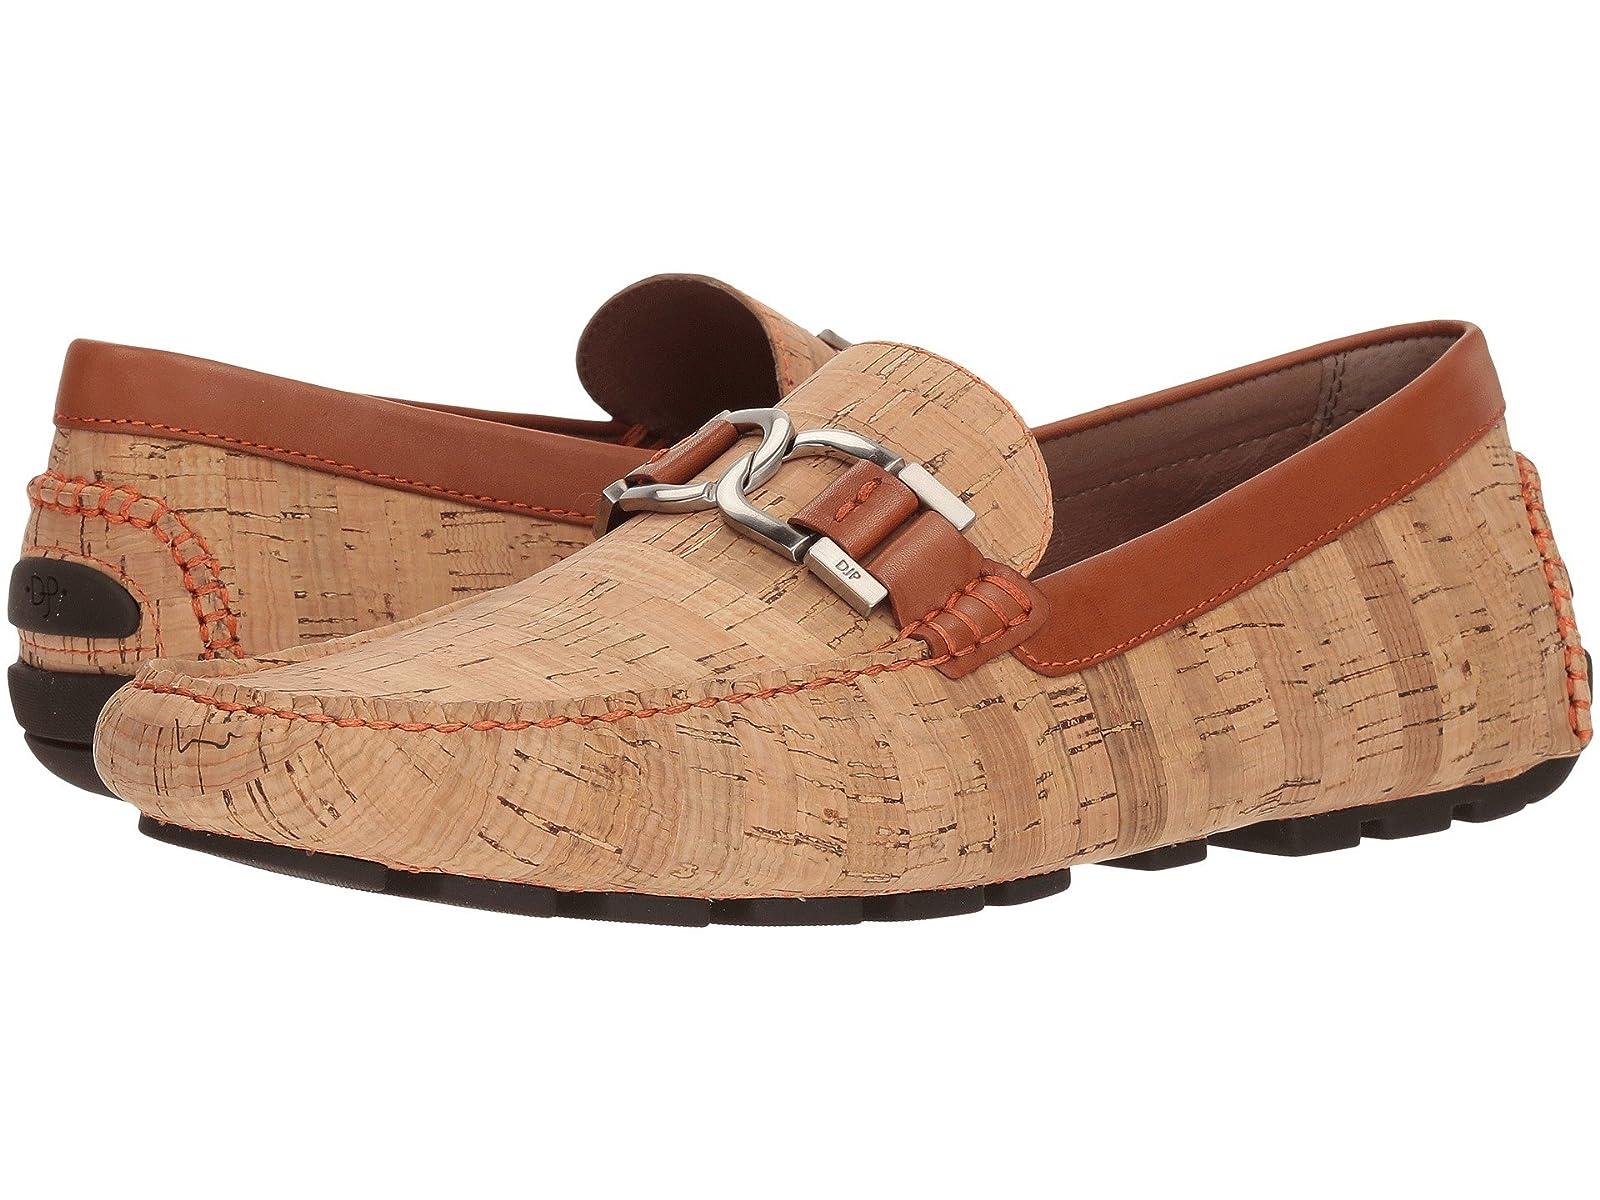 Donald J Pliner DerrikAtmospheric grades have affordable shoes